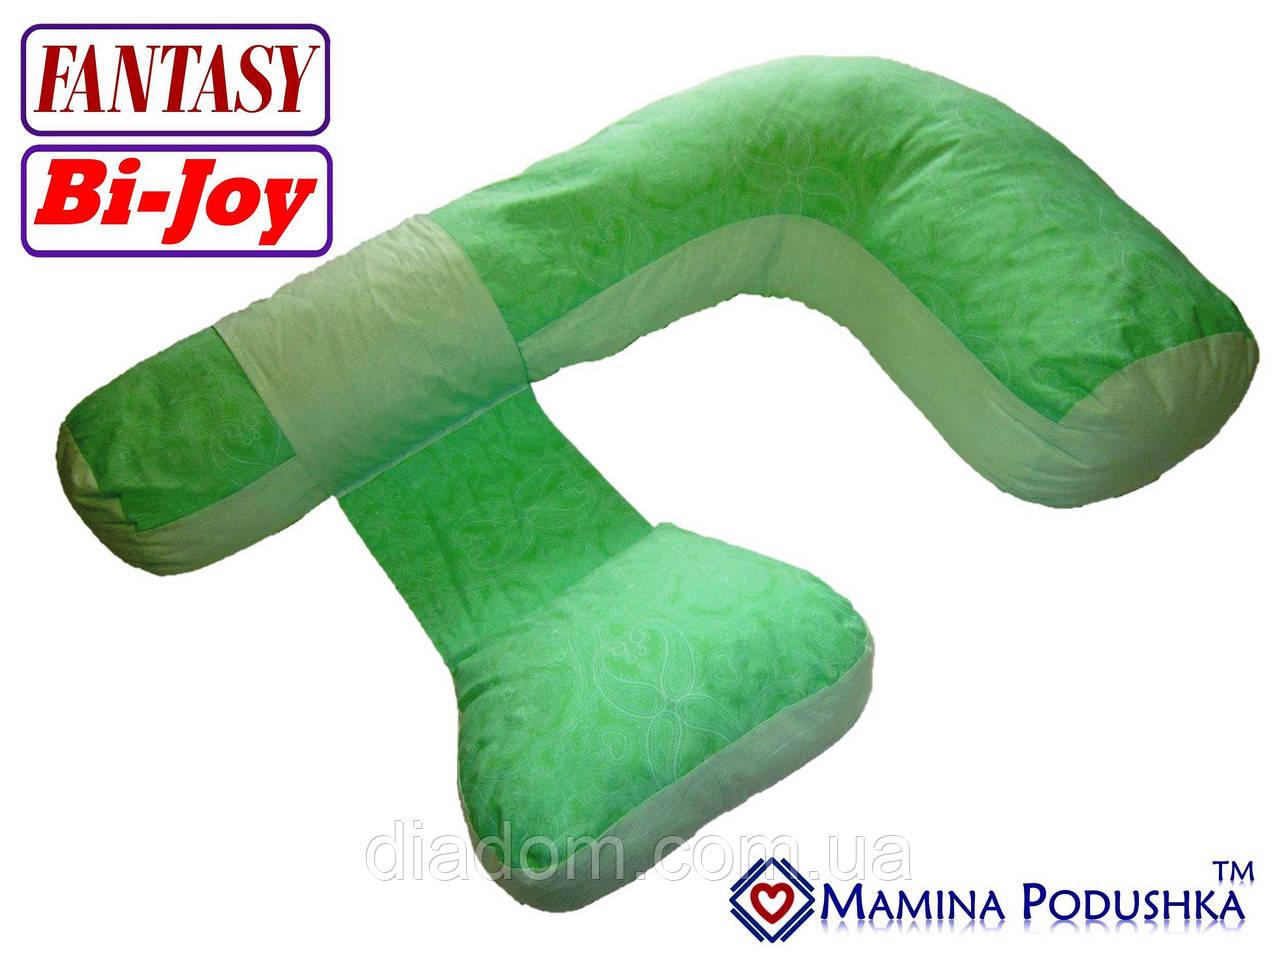 Подушка для вагітних Fantasy Bi-Joy, Наволочка (на вибір) входить в комплект